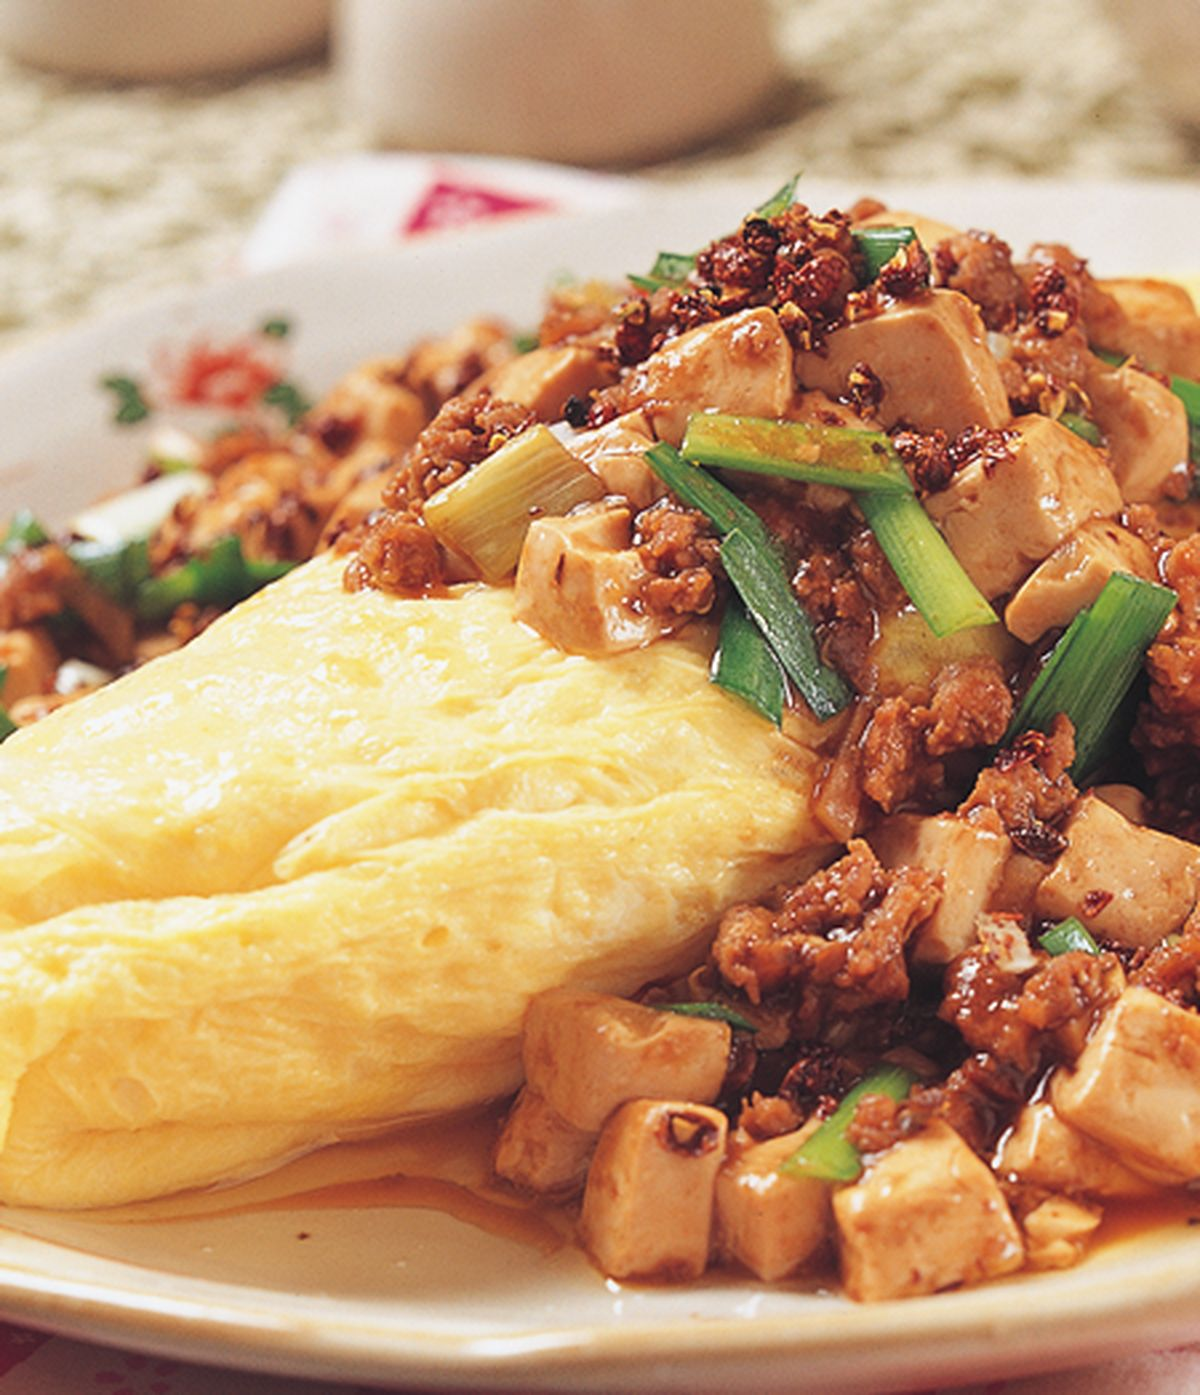 食譜:麻婆豆腐淋蛋包